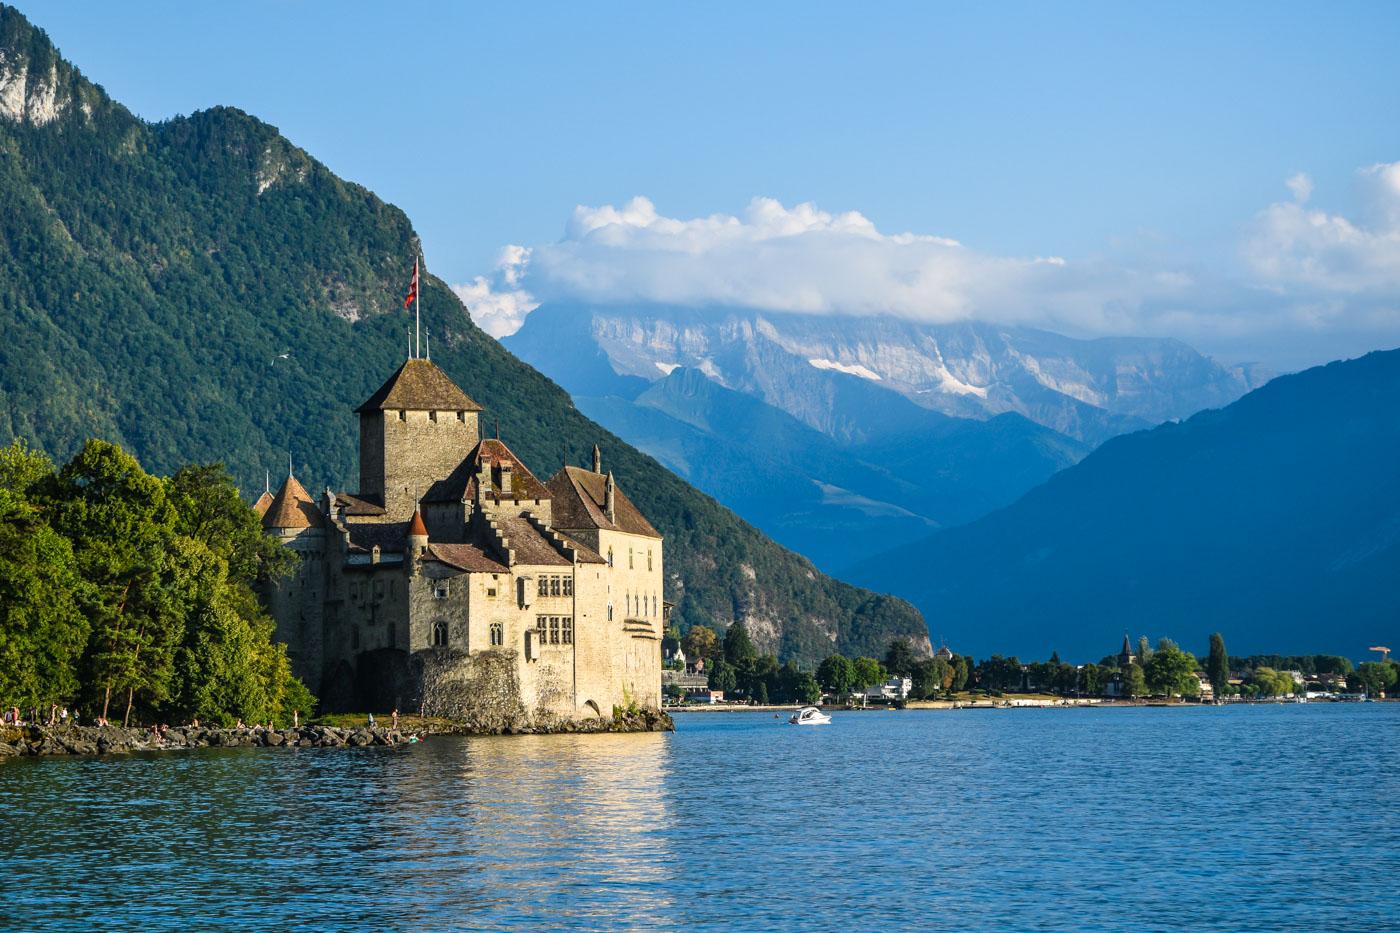 Велопутешествие по Европе. Швейцария - Веве, Монтрё